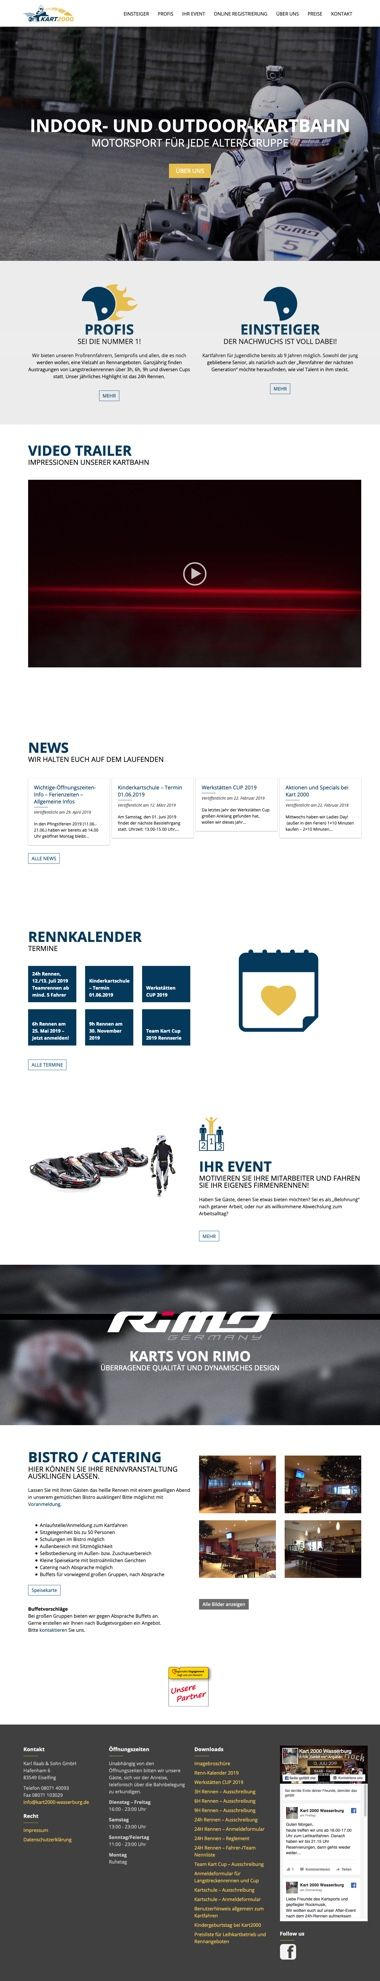 WordPress Website - Webdesign der Startseite für KART2000